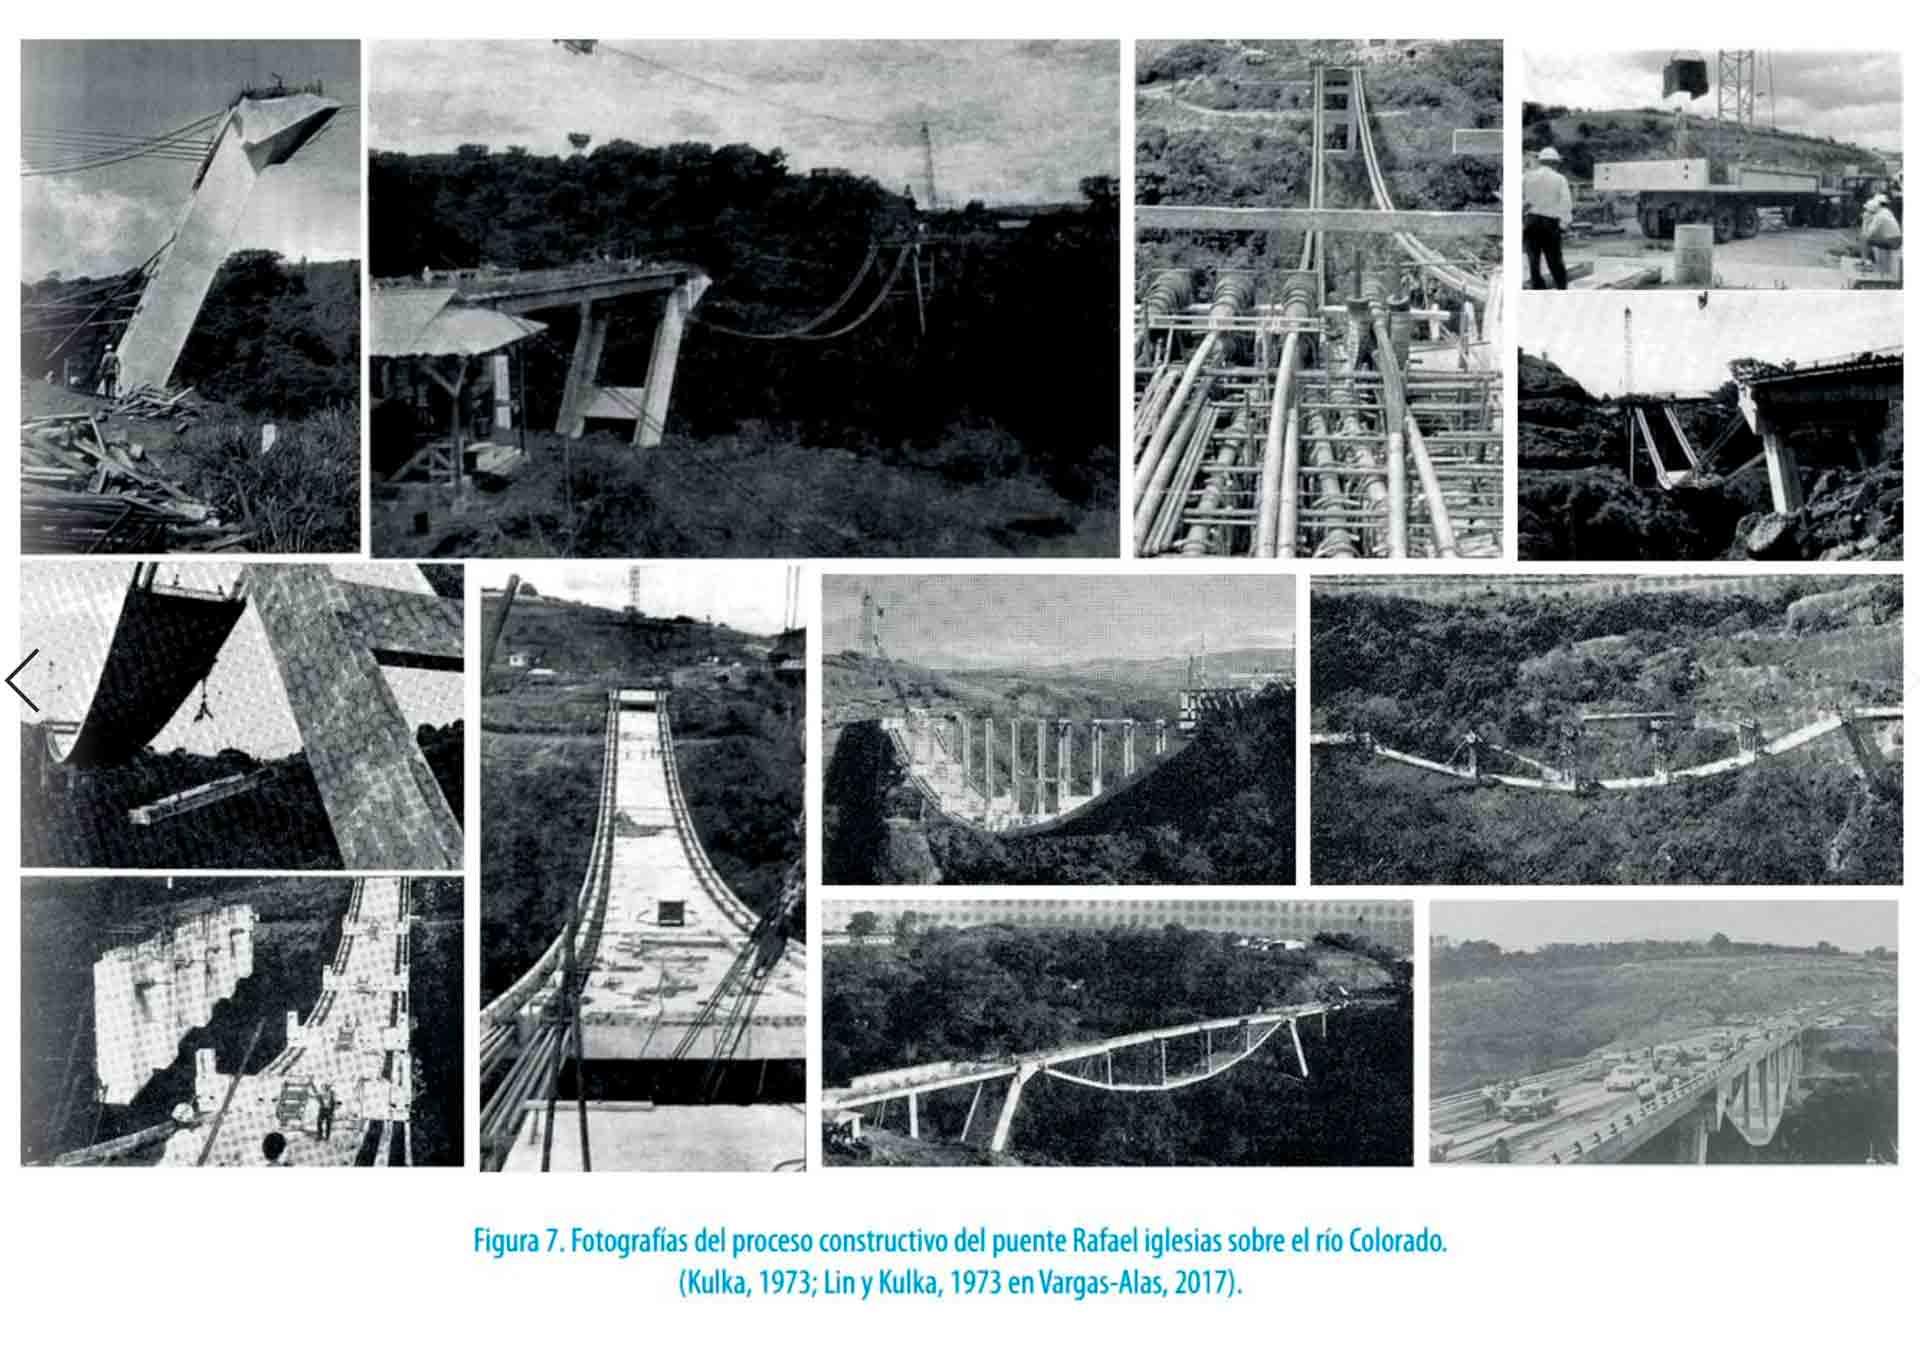 proceso-de-construccion-puente-rafael-iglesias-costa-rica